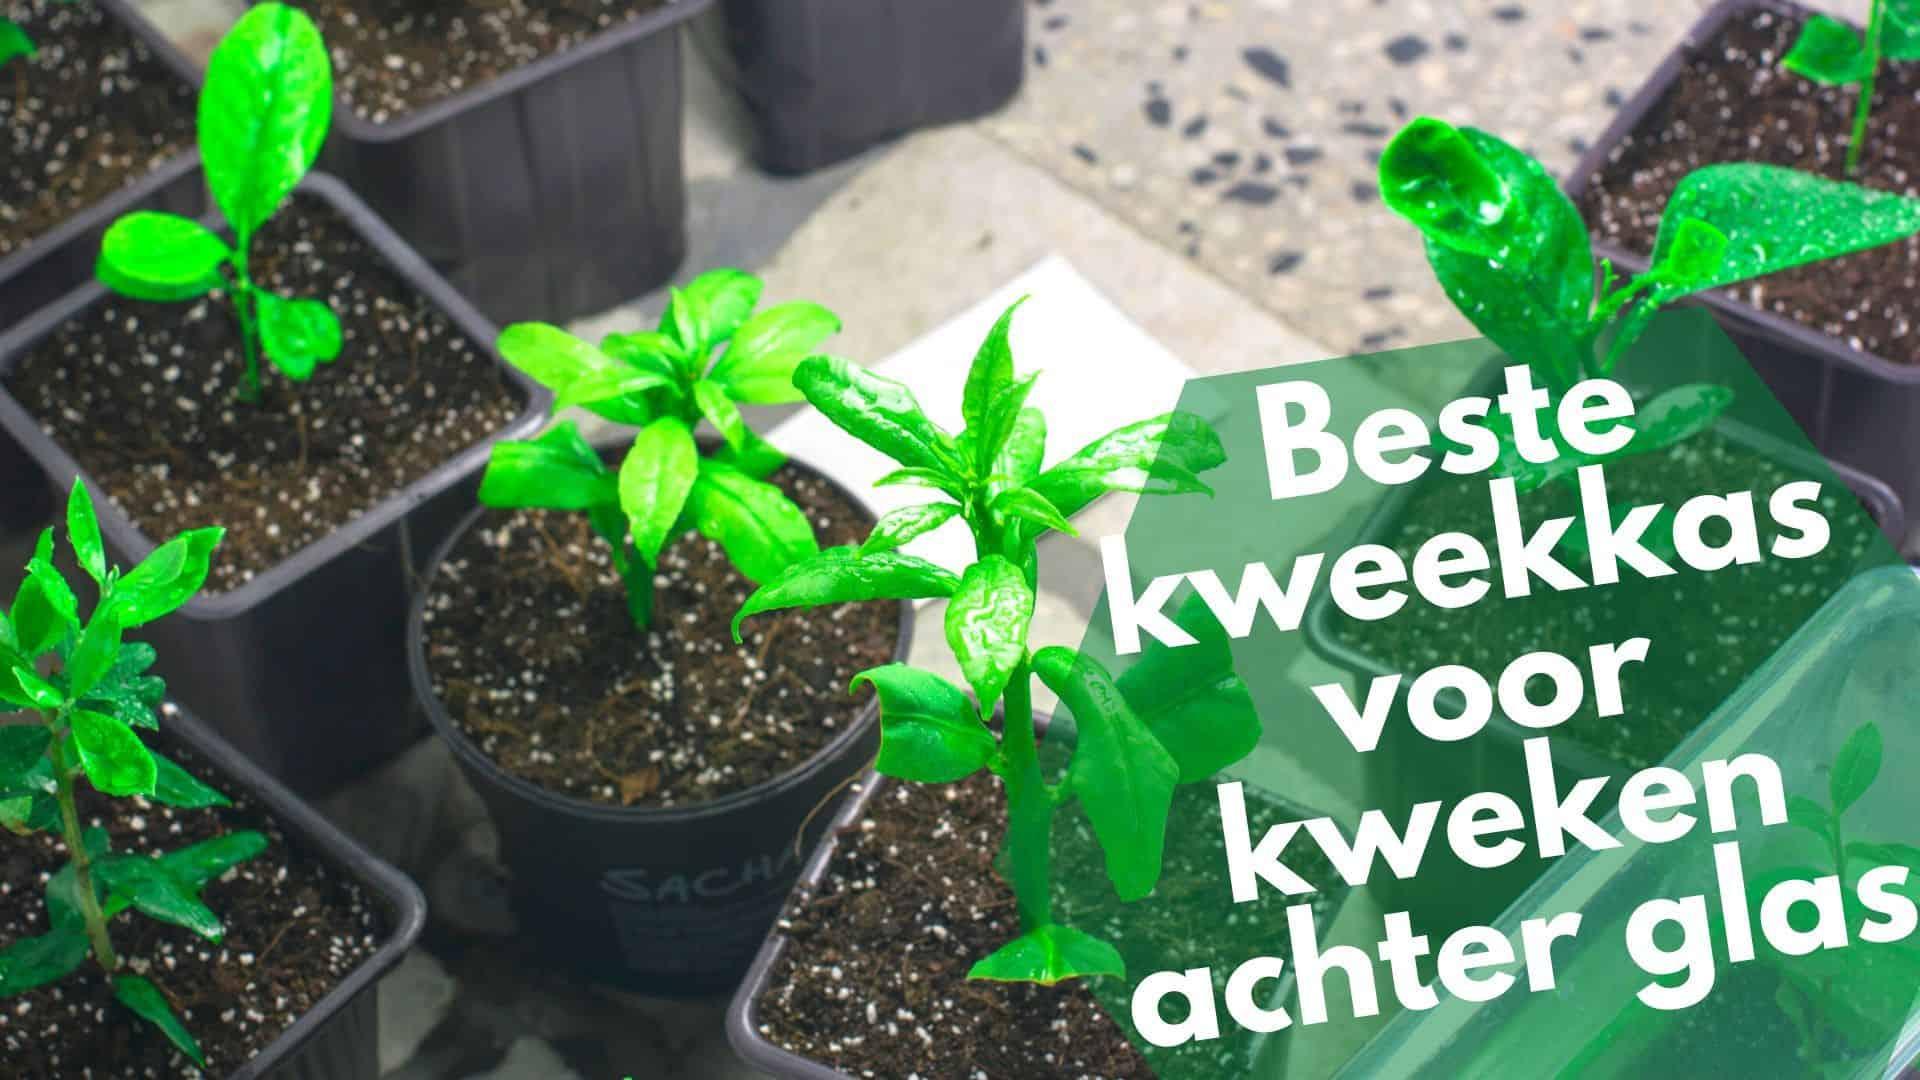 Beste kweekkas | Veilig groeien van plantjes en kruiden achter glas